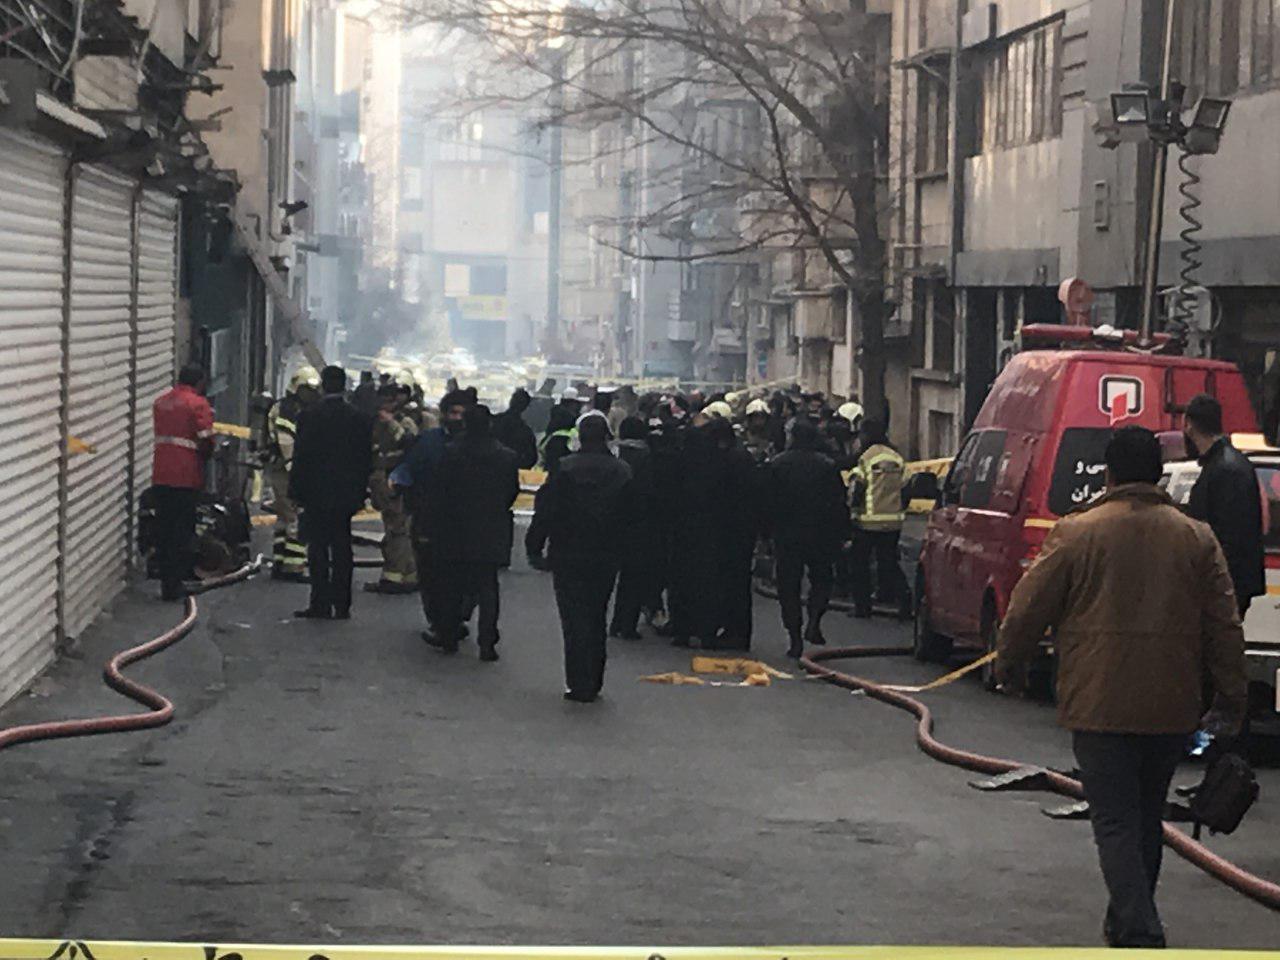 آتش سوزی در ساختمان وزارت نیرو ادامه دارد/ احتمال تکرار فاجعه پلاسکو/ تخلیه ساختمانهای اطراف